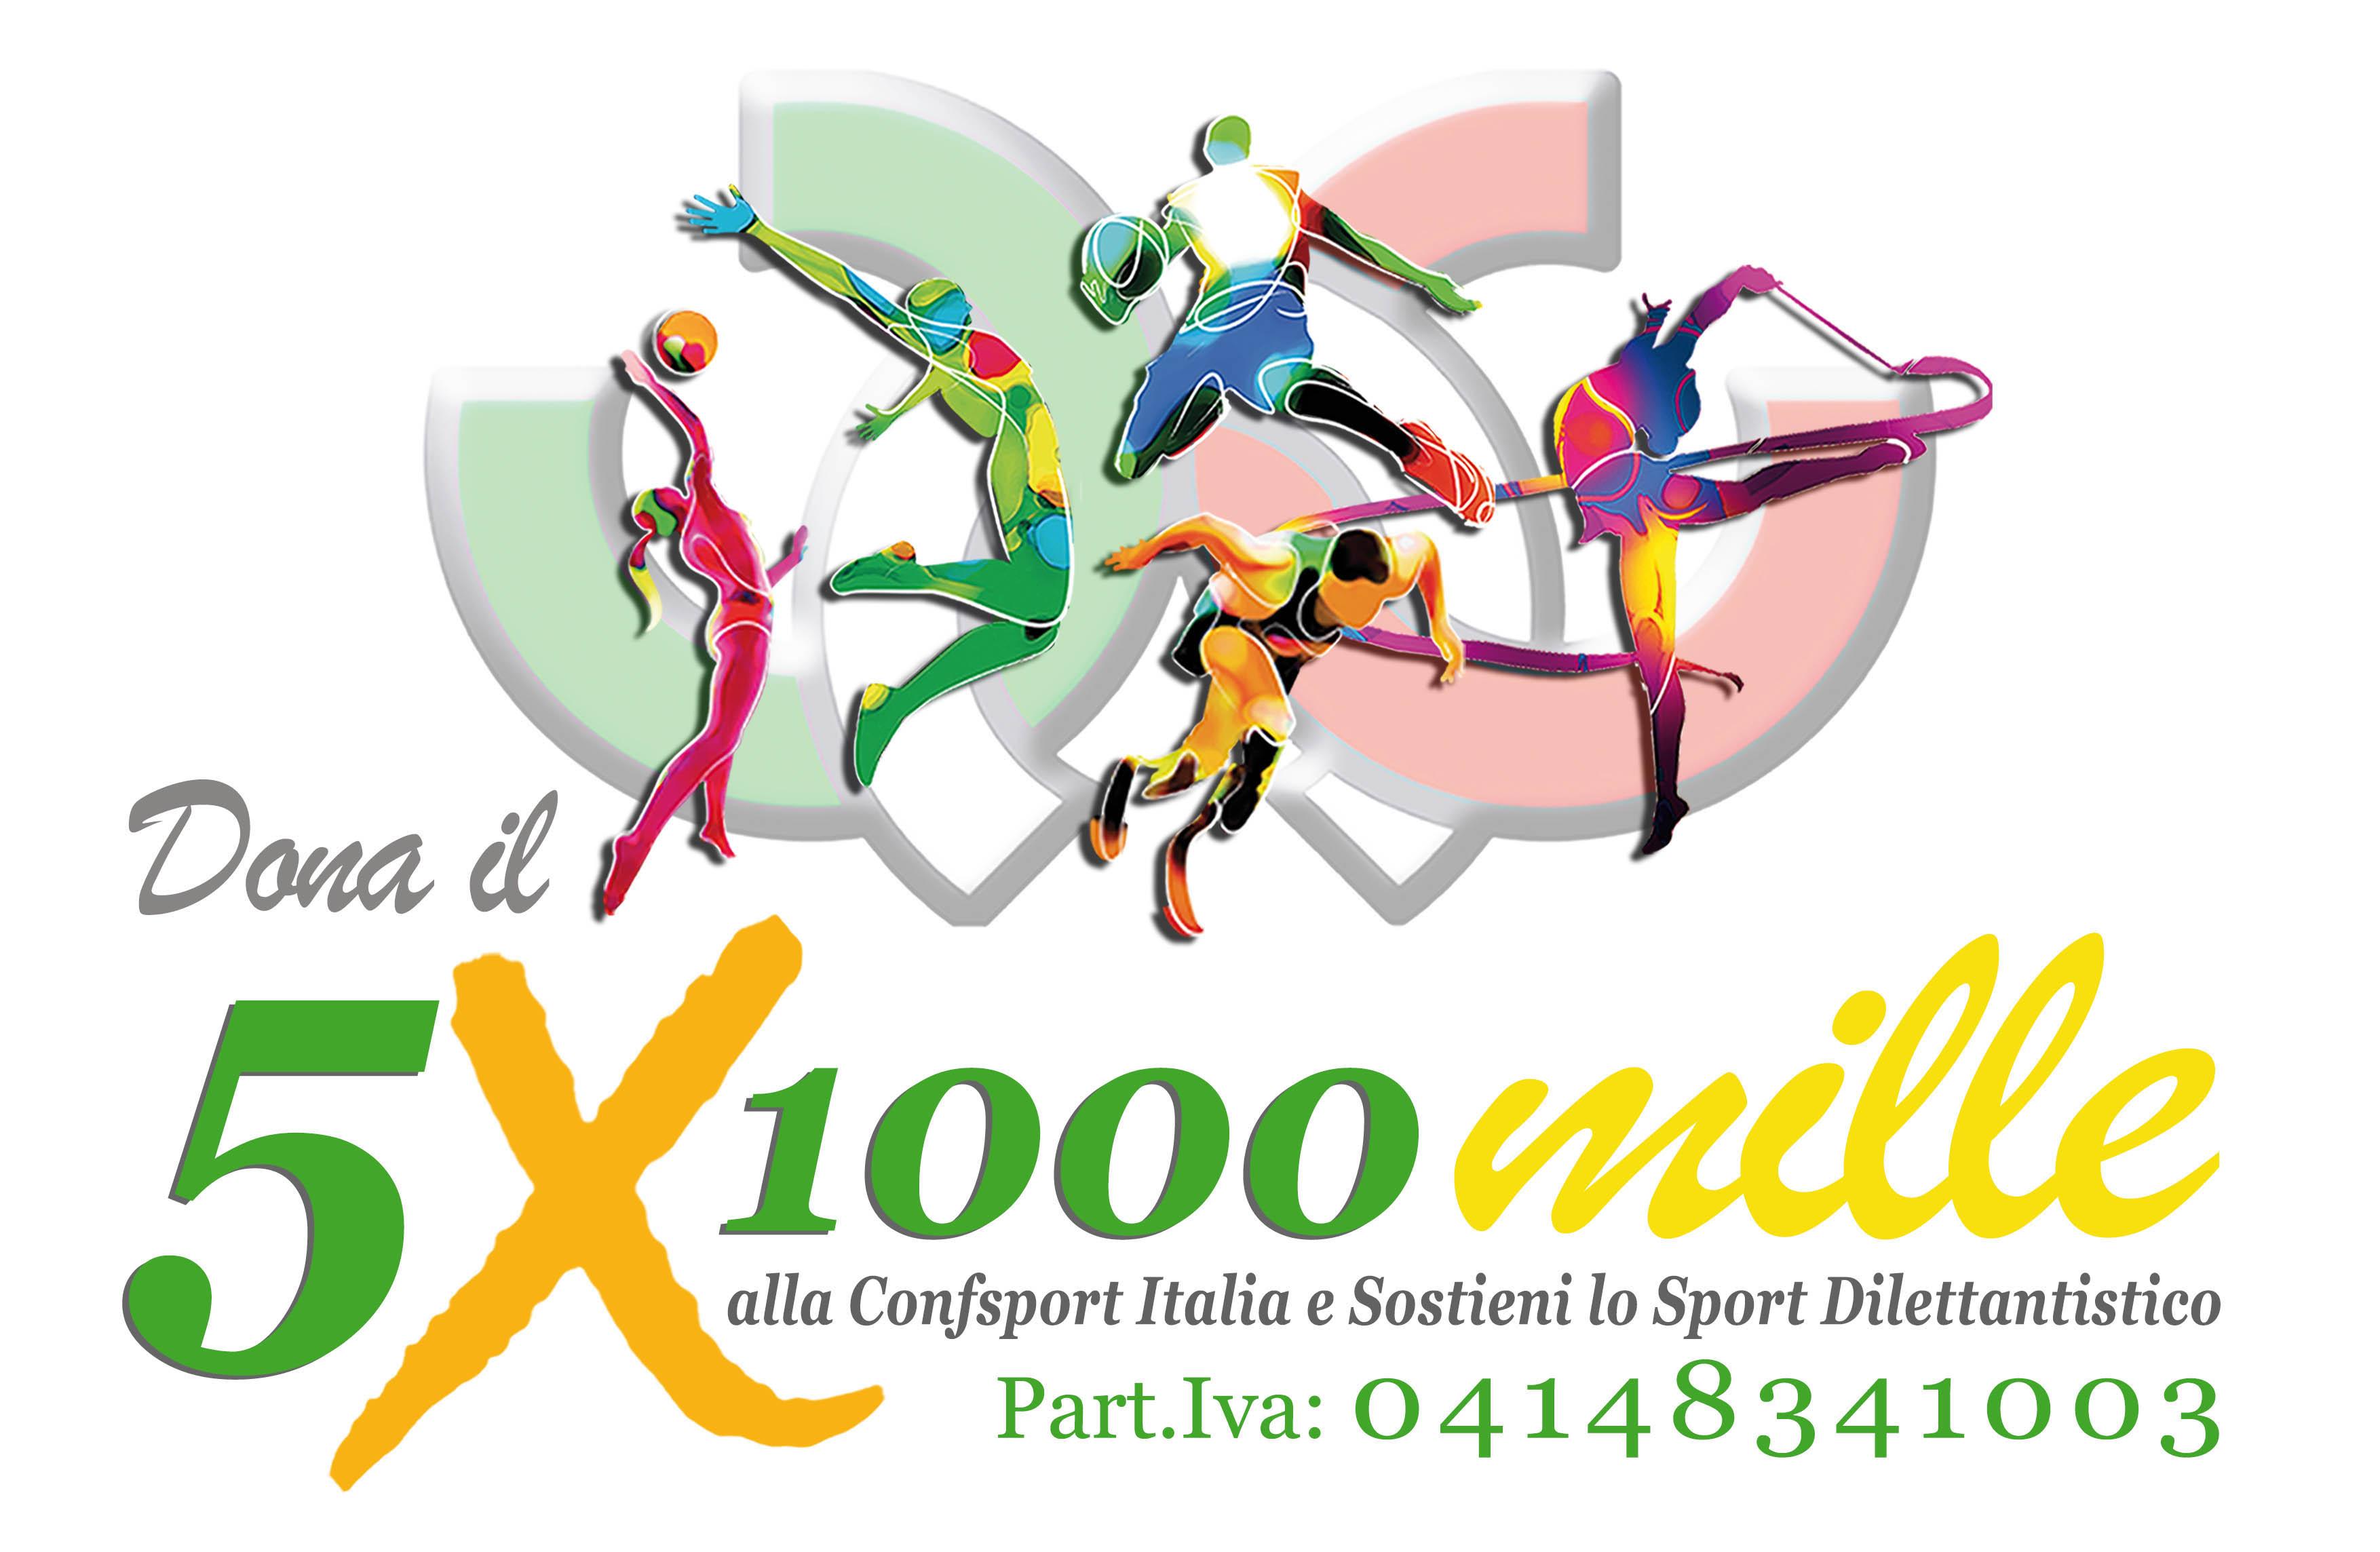 Dona il 5 per 1000 alla Confsport Italia